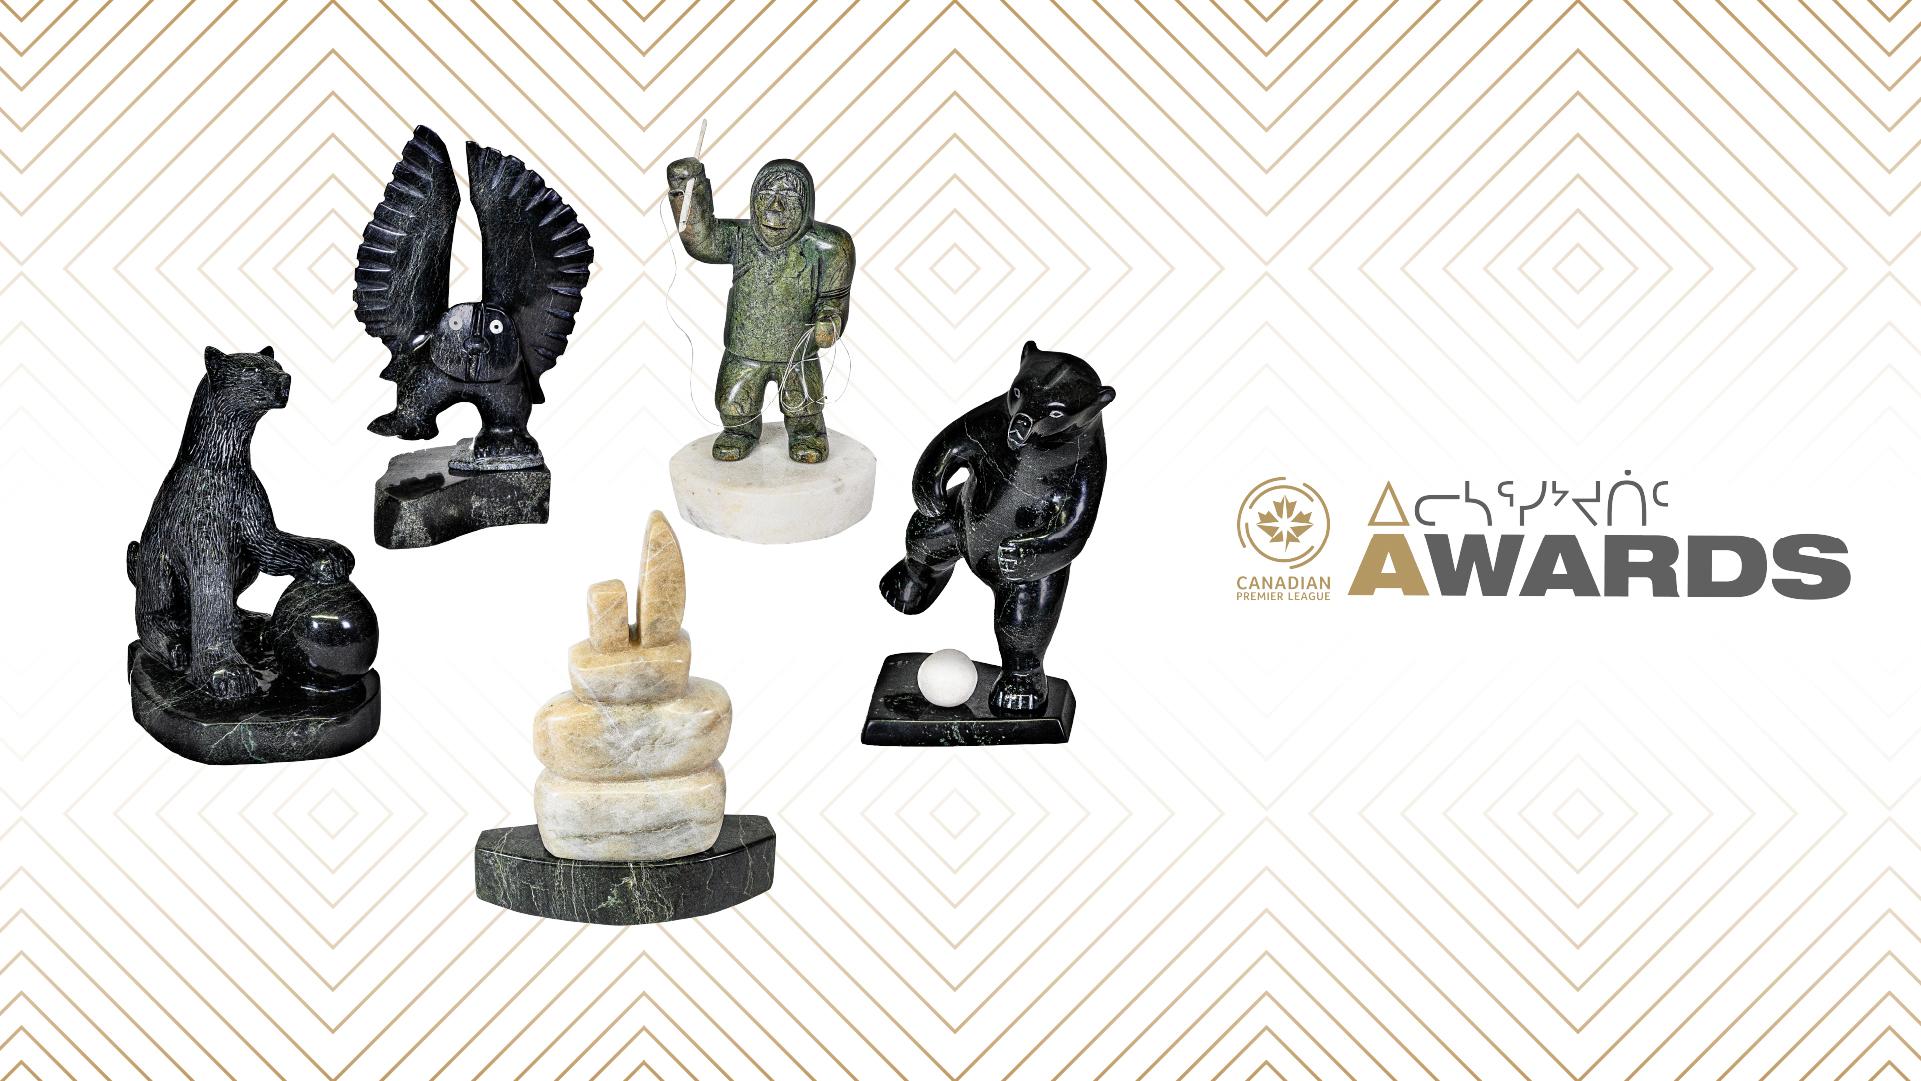 Awards-1920x1080-wm+awrds